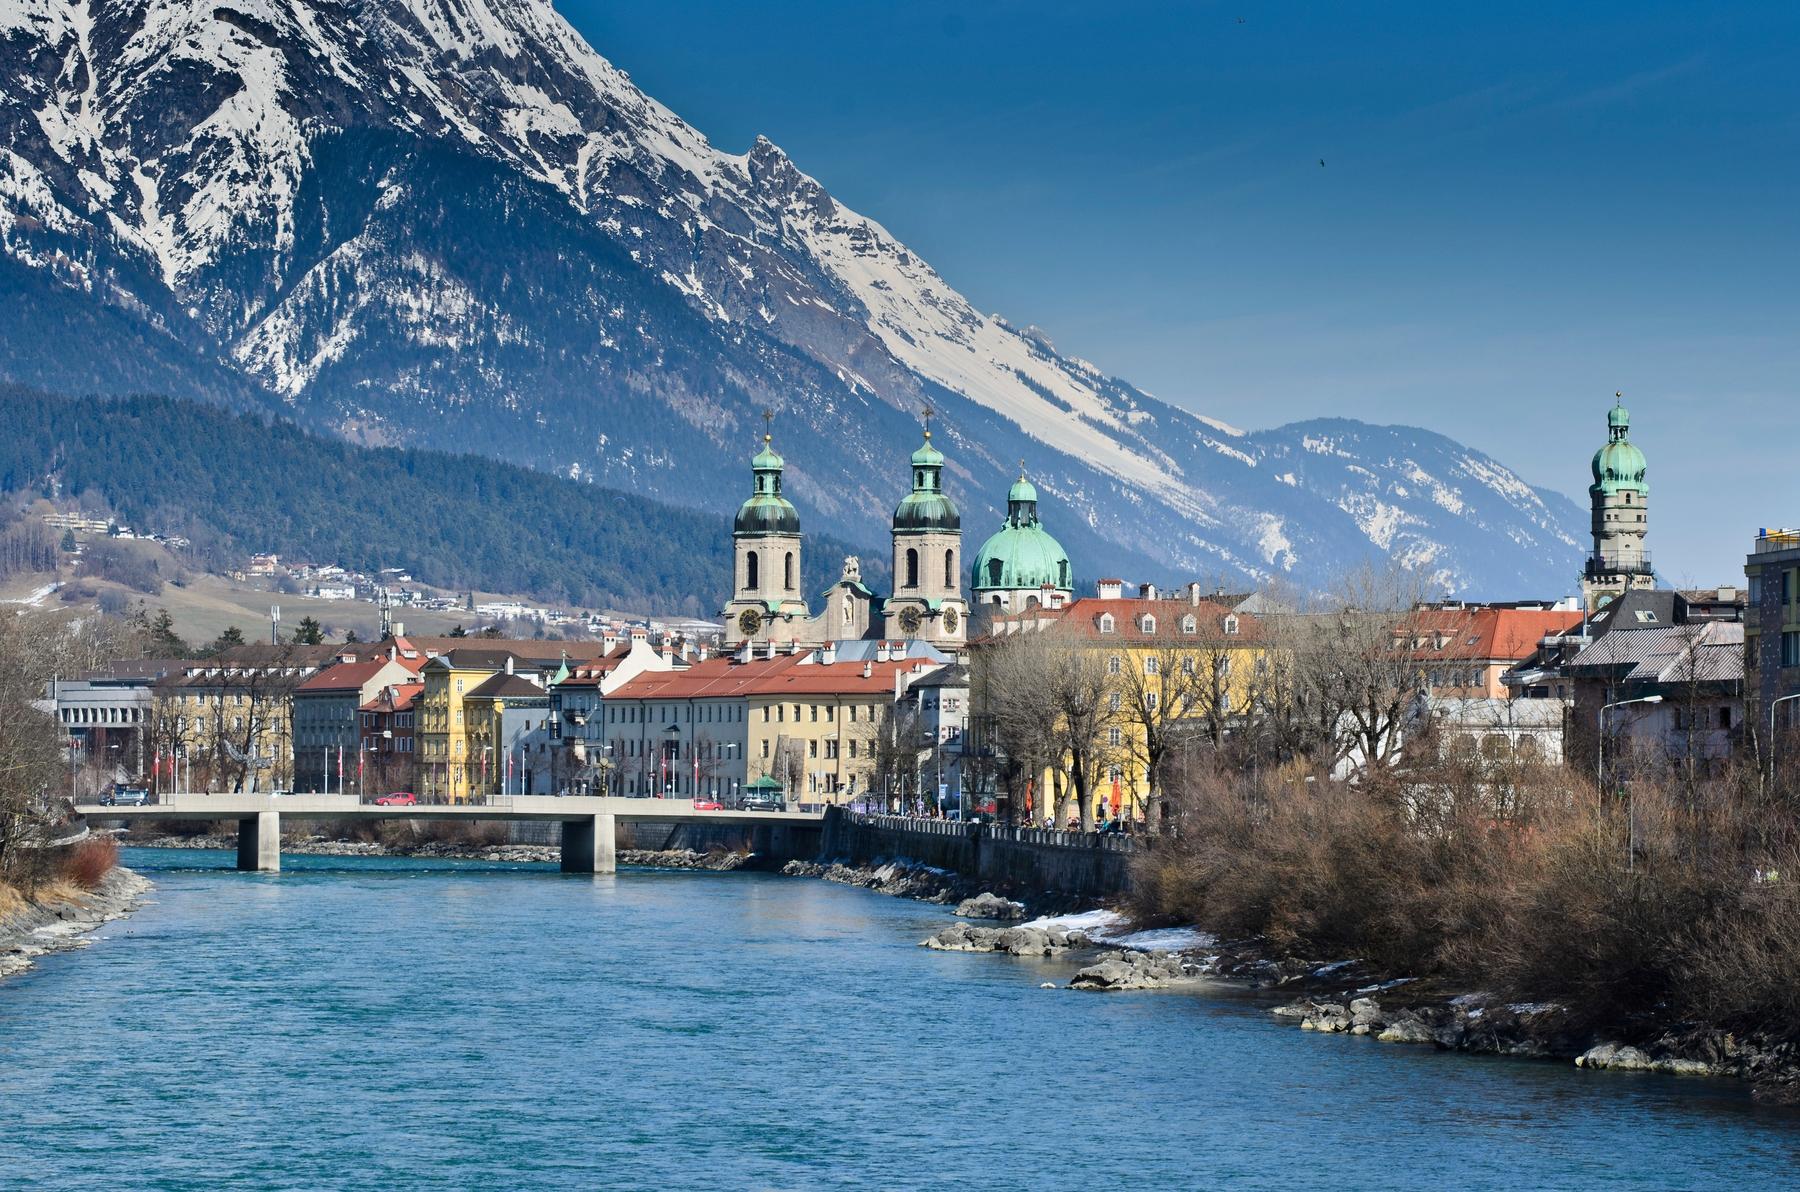 Met de nachttrein naar Innsbruck